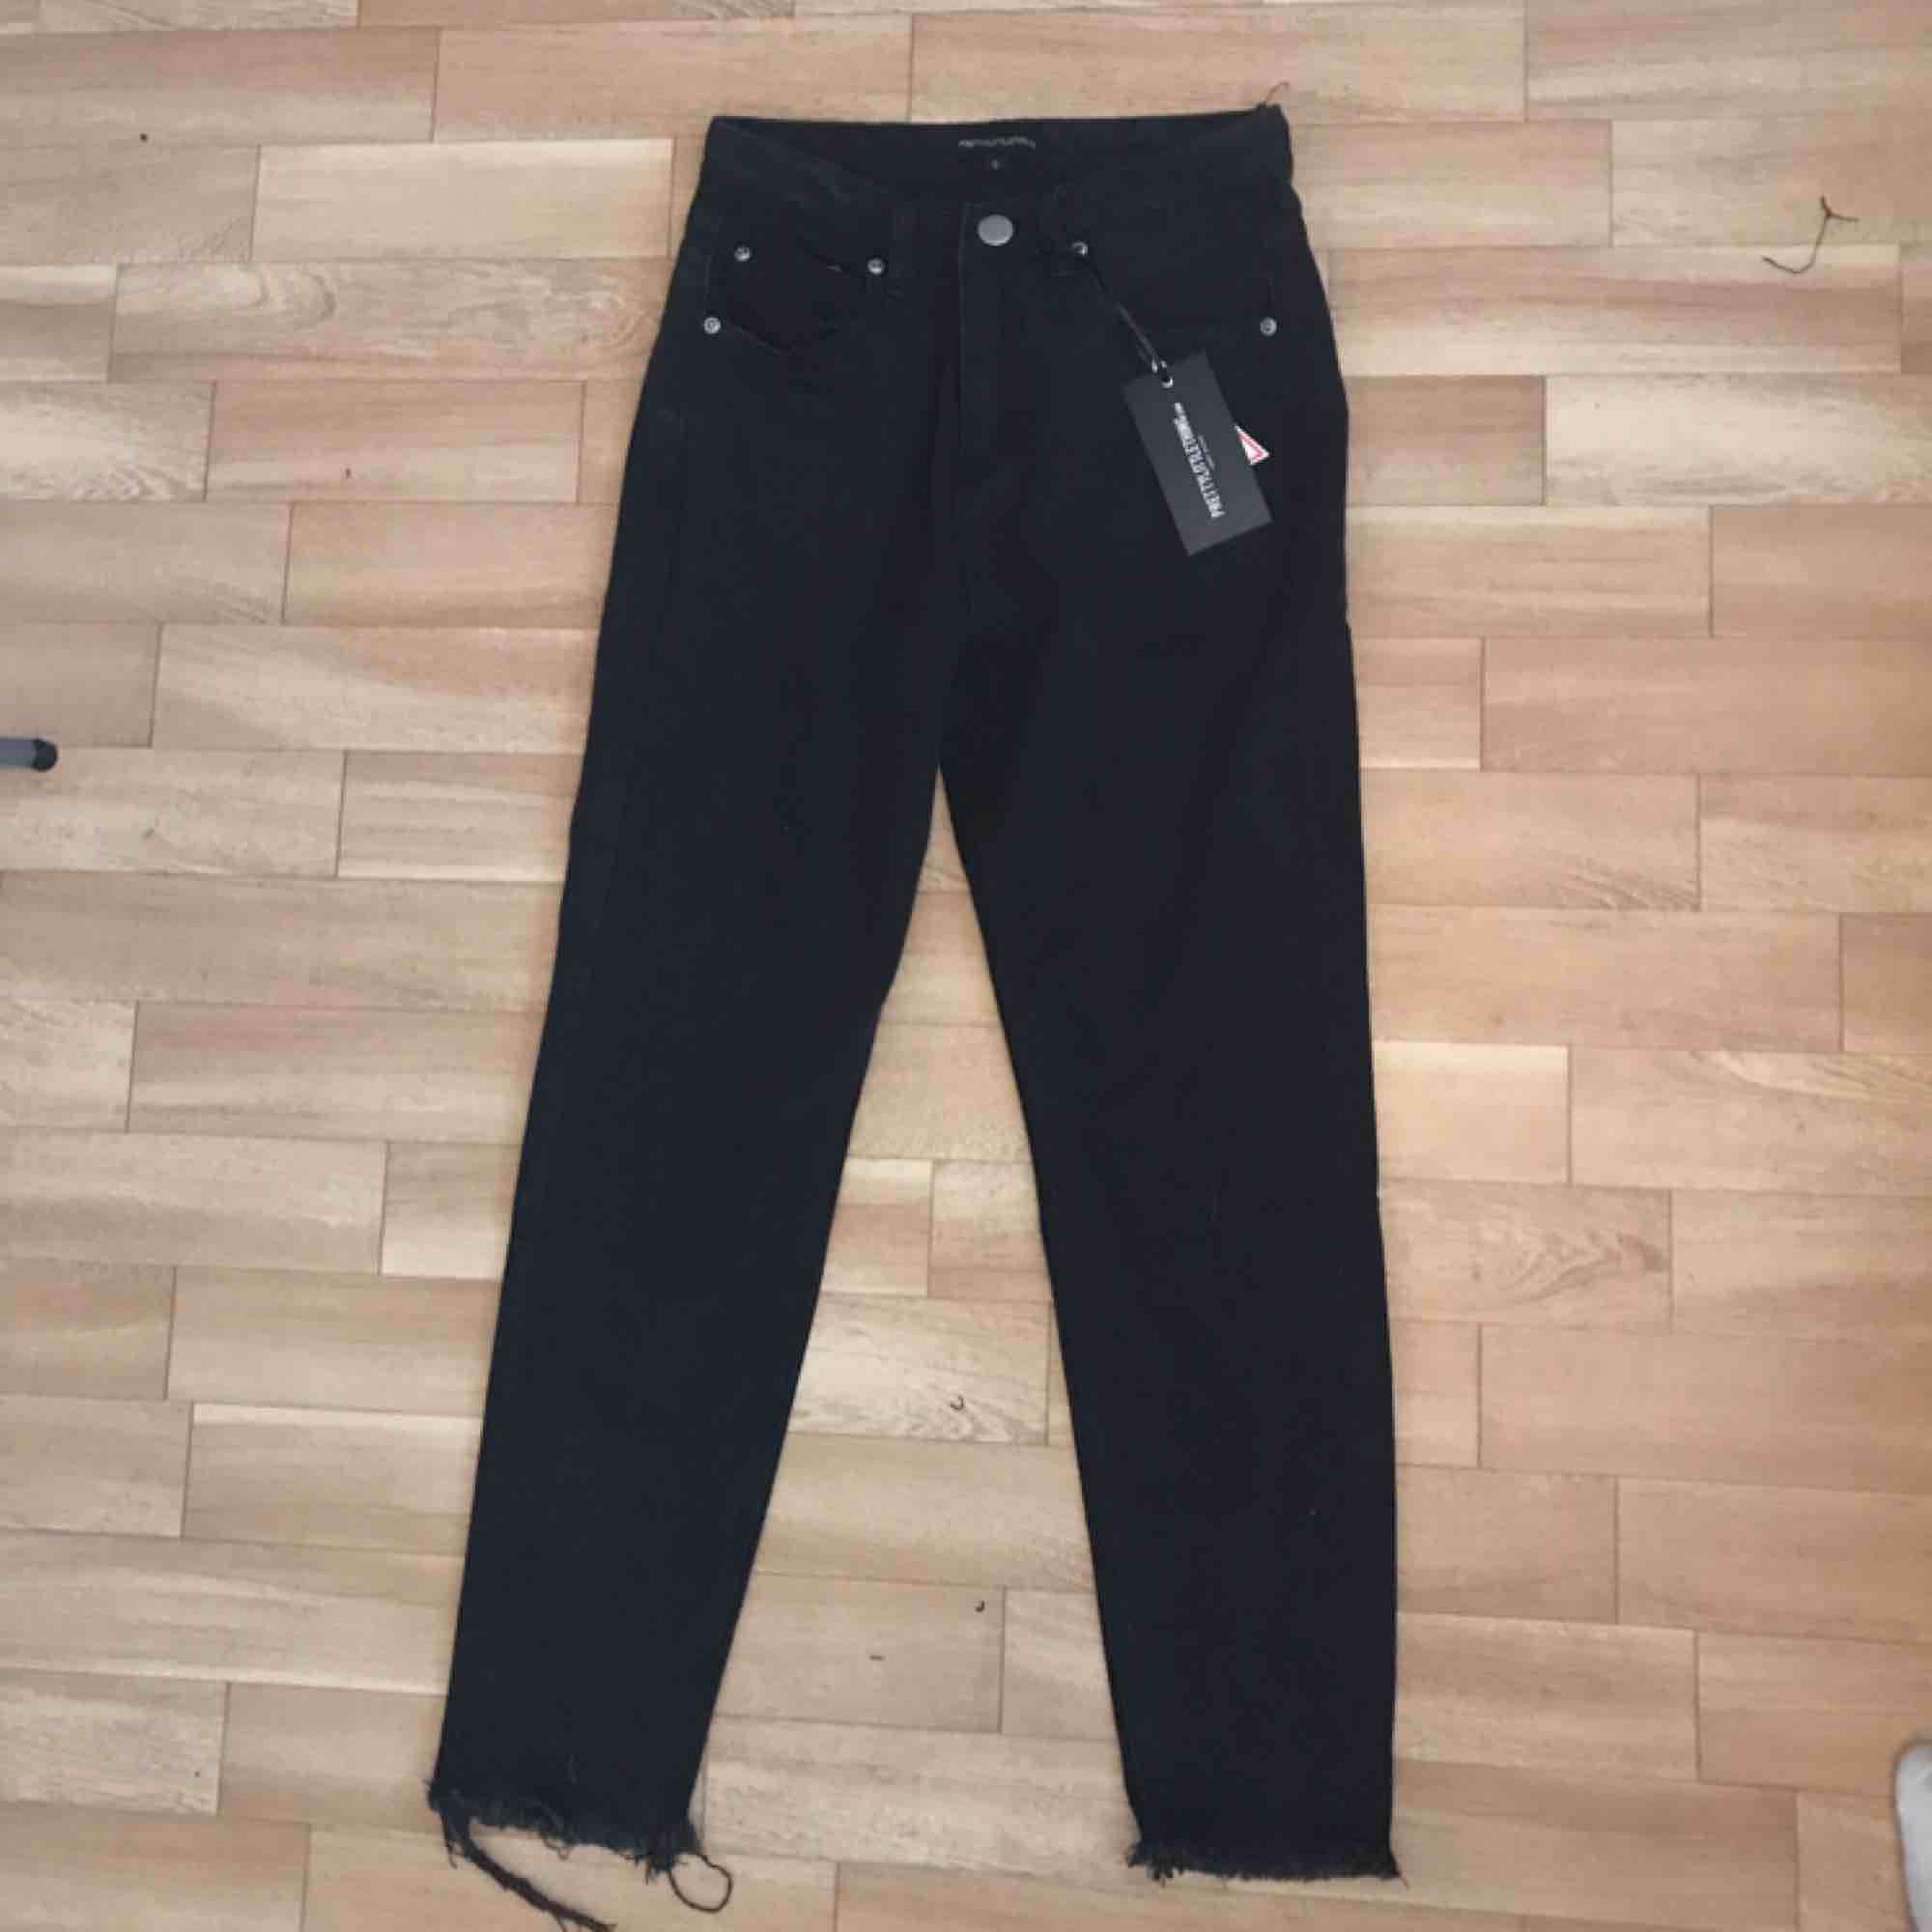 Helt nya 'straight leg' jeans i storlek XS/S. Fick precis hem dom och tyvärr är dom för små vid höfterna och rumpan. Dom är normala i storlek annars, men dem är för små om man är ganska kurvig. Lappen och allt sitter kvar på jeansen. Frakt blir 70 kr ❣️ . Jeans & Byxor.